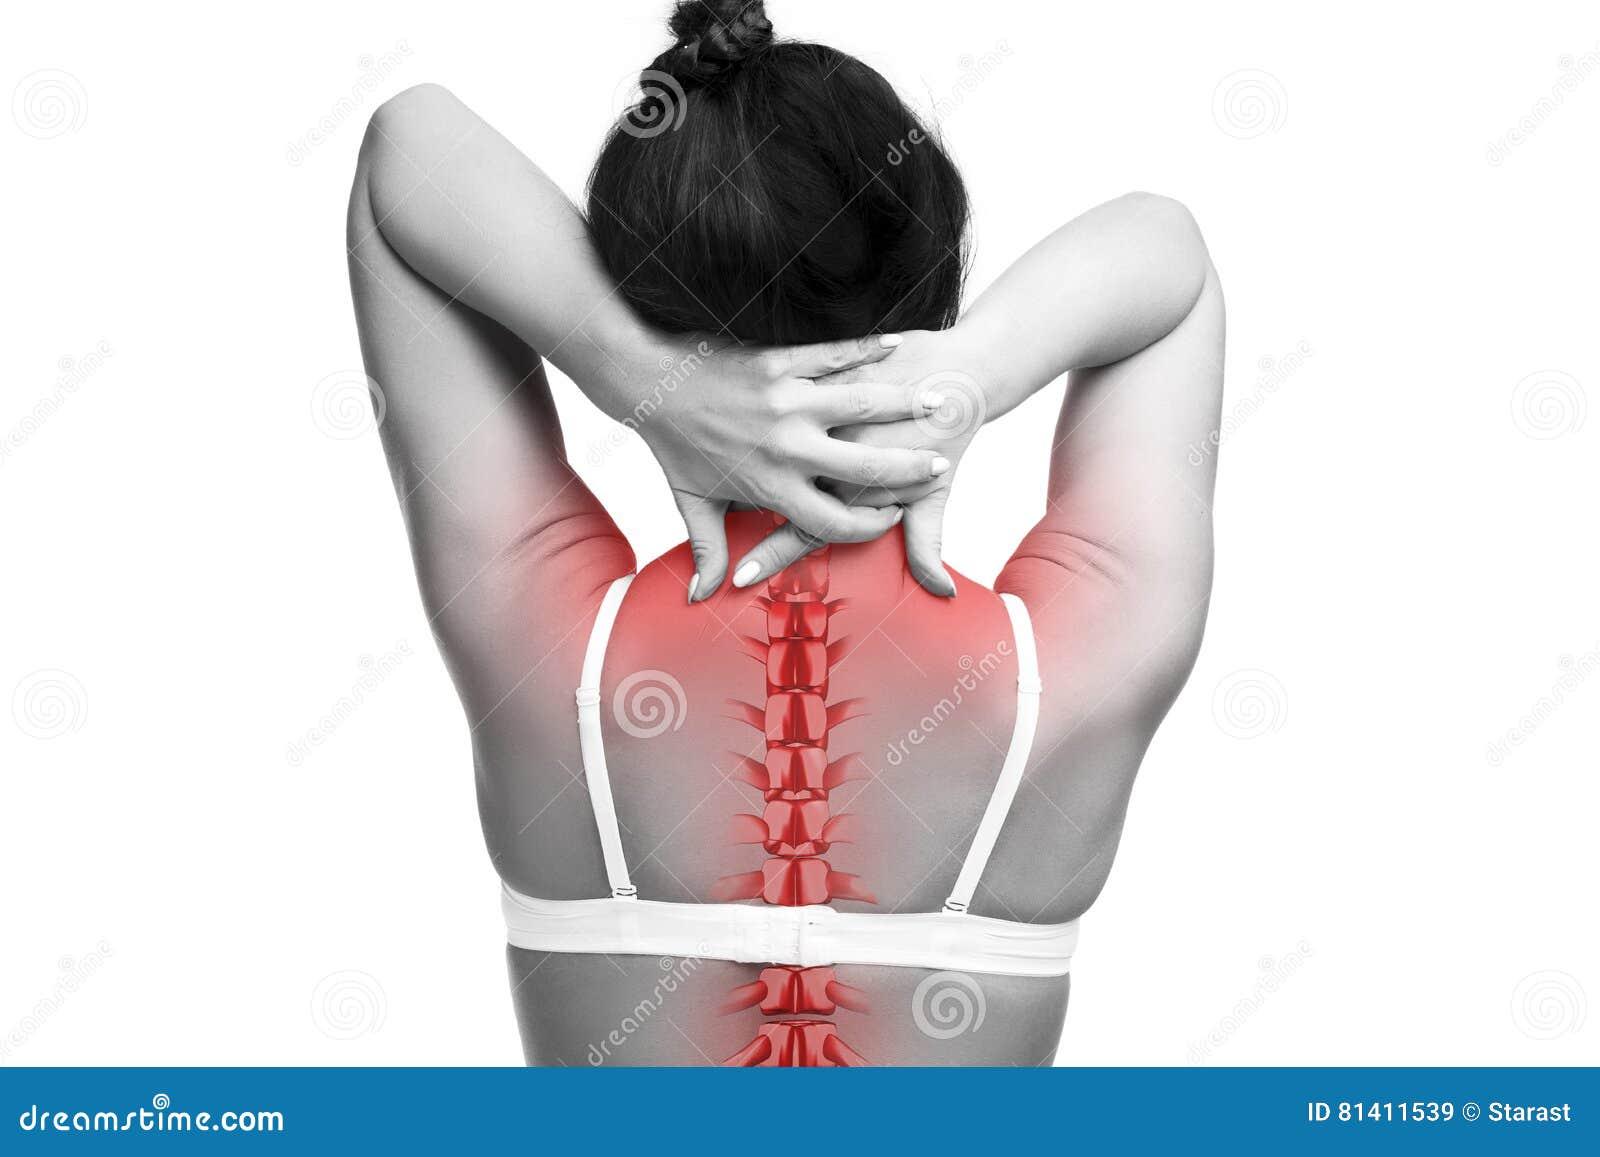 Kręgosłupa ból, kobieta z backache i obolałość w szyi, czarny i biały fotografia z czerwonym kręgosłupem